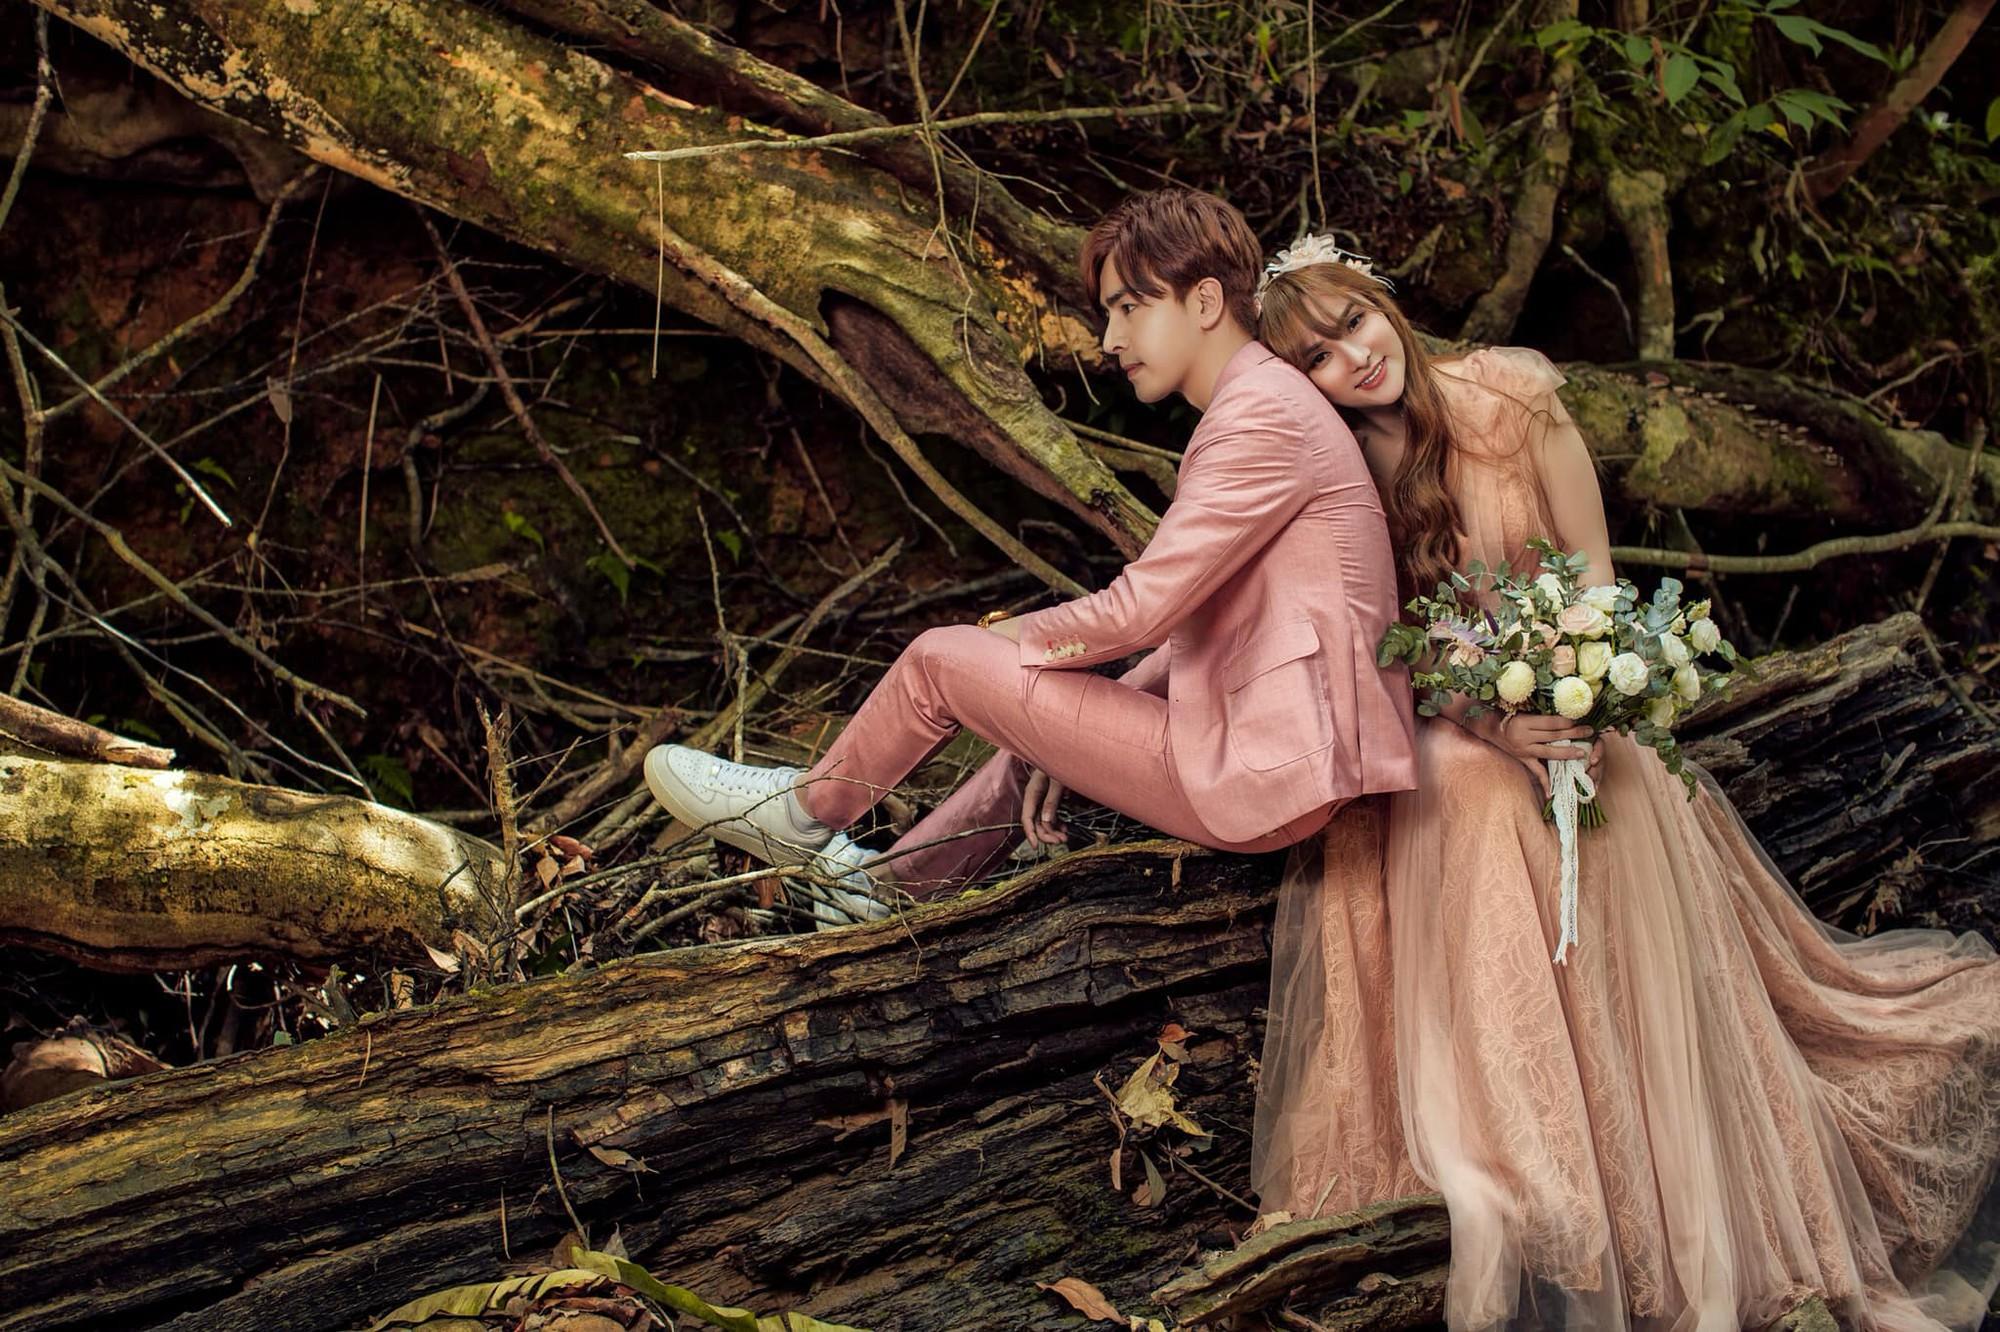 Trọn vẹn lễ Vu quy của ca sĩ Thu Thủy: Cô dâu e ấp bên bạn đời kém 10 tuổi, hạnh phúc nhận lời chúc của hai bên gia đình - Ảnh 4.